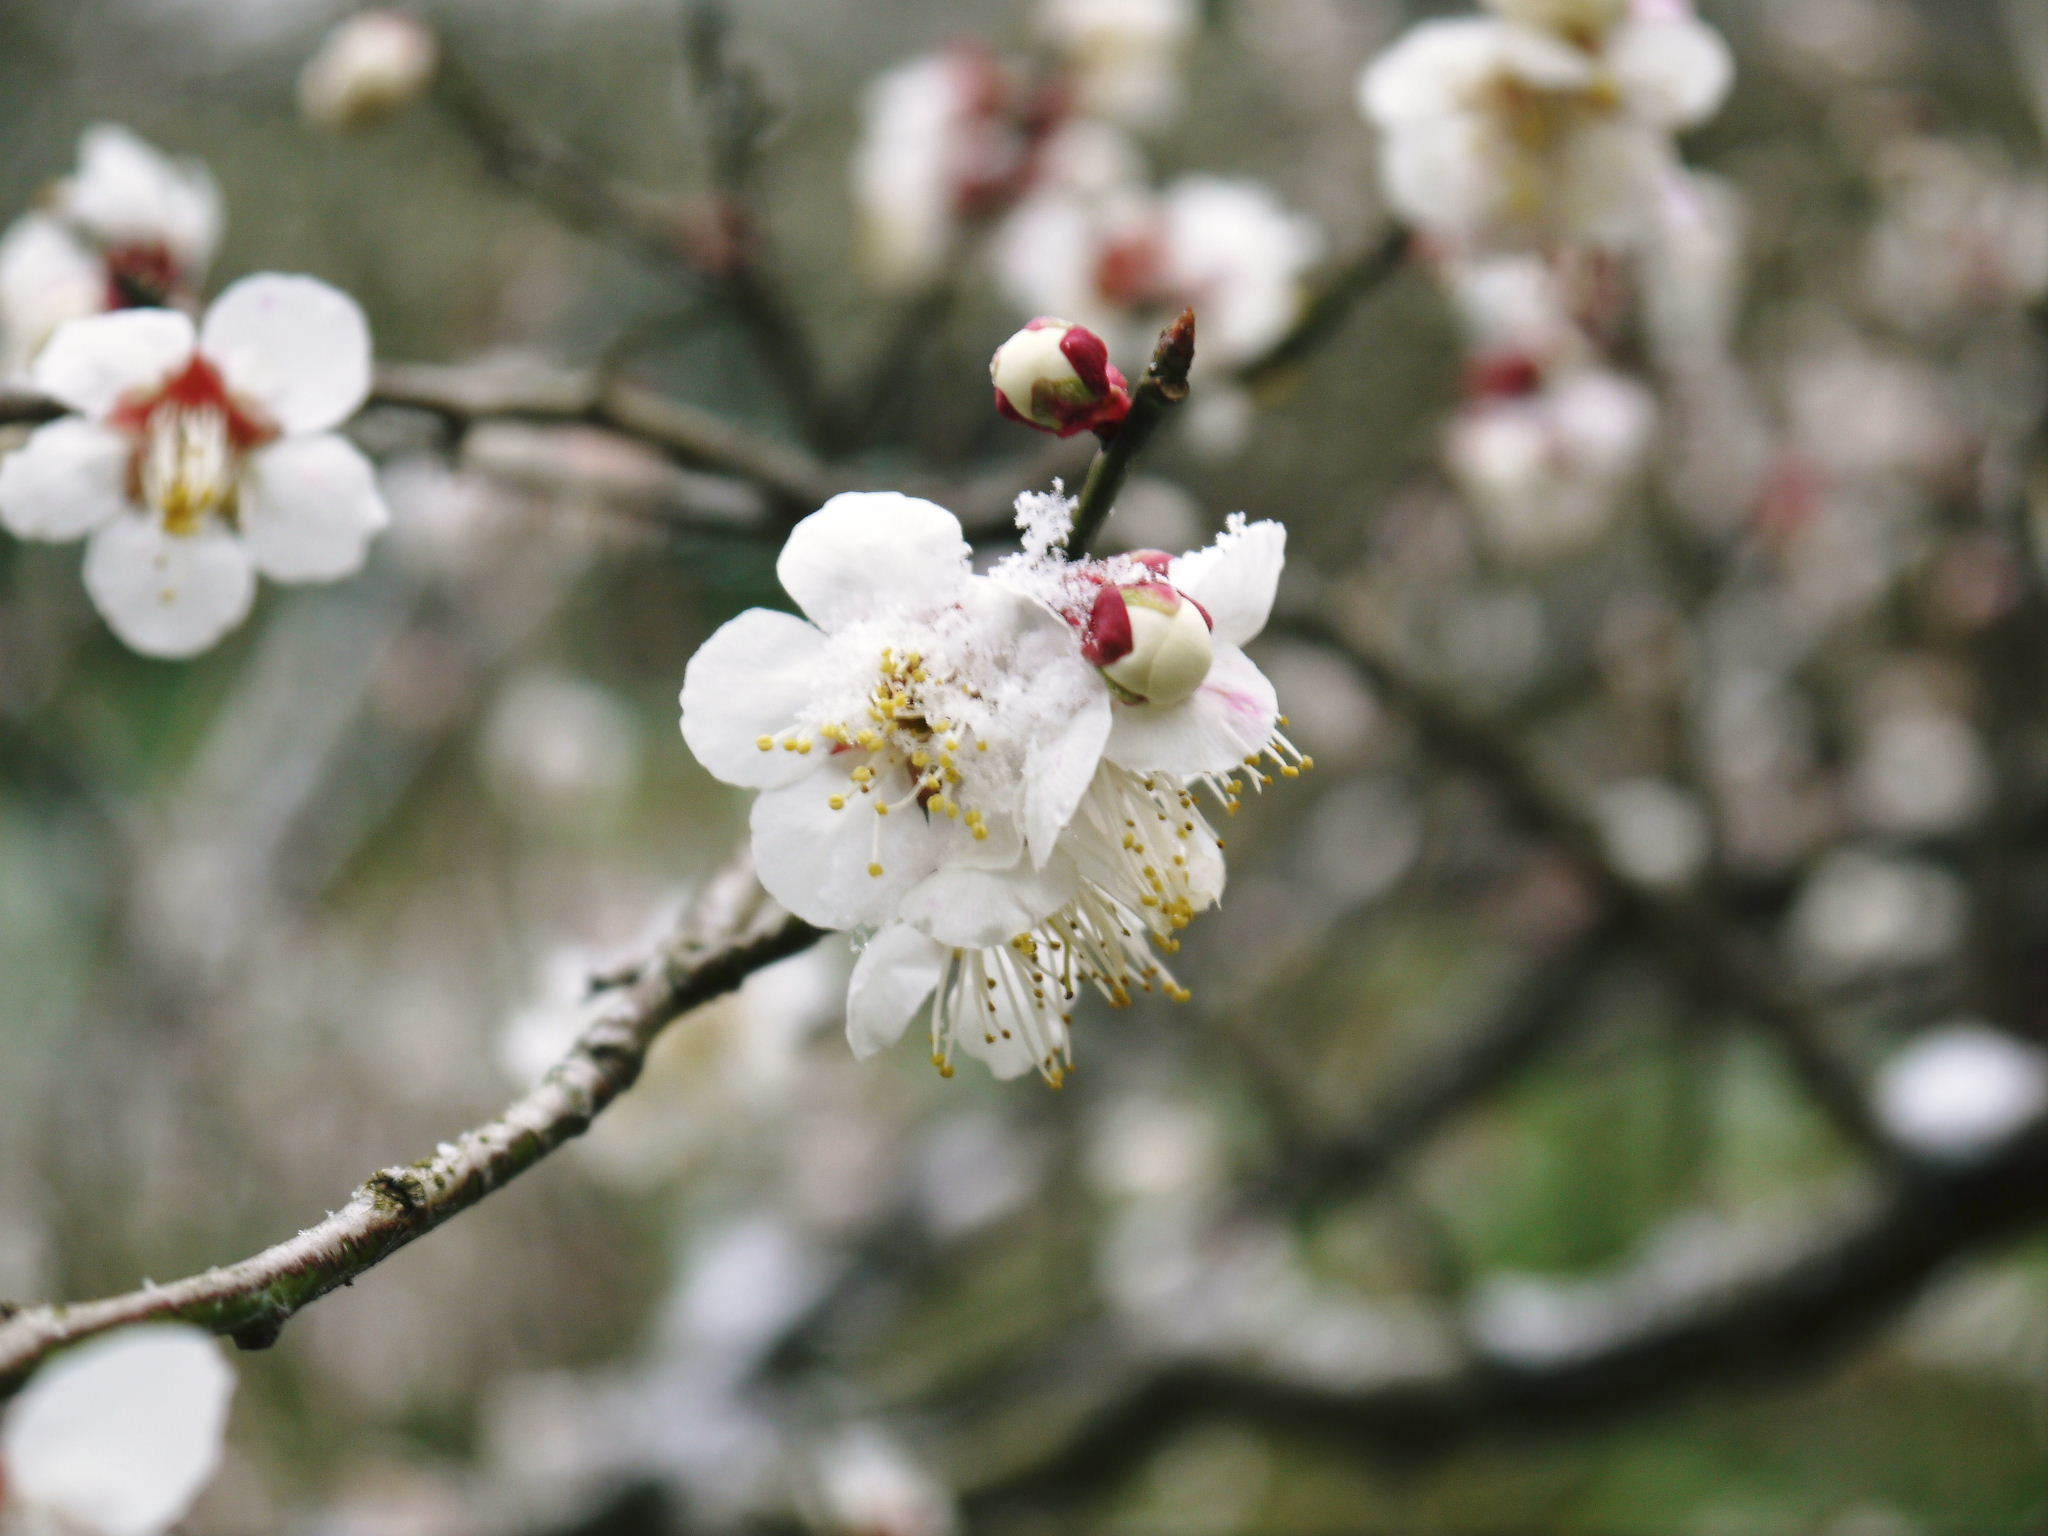 株式会社旬援隊の冬の様子 この冬、初の積雪(?)です!春の訪れが早いはずが…、果樹たちが心配です!_a0254656_16502430.jpg